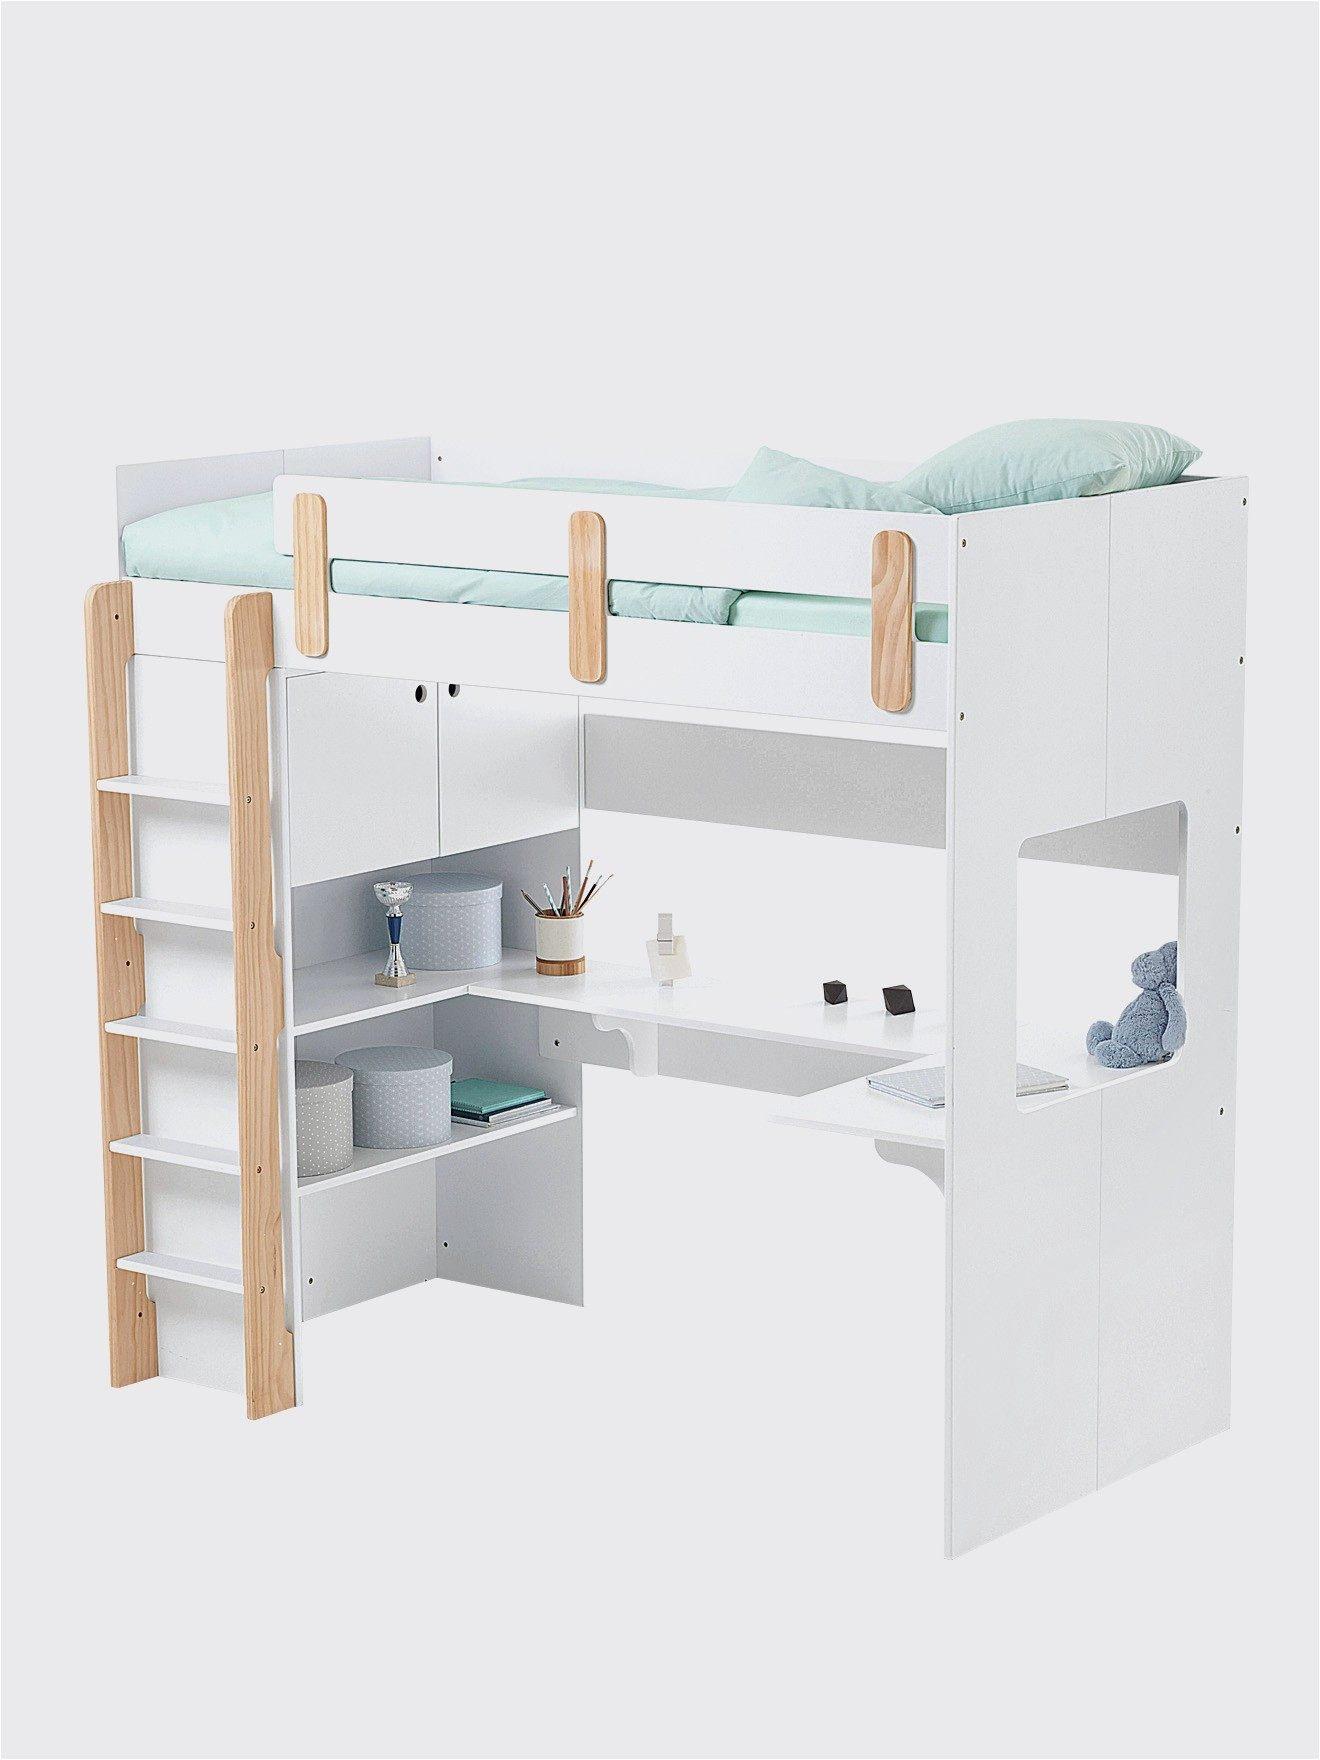 Lit Superposé Avec Bureau Inspirant Délicieux Chambre Enfant Lit Superposé  Lit Superposé Avec Bureau